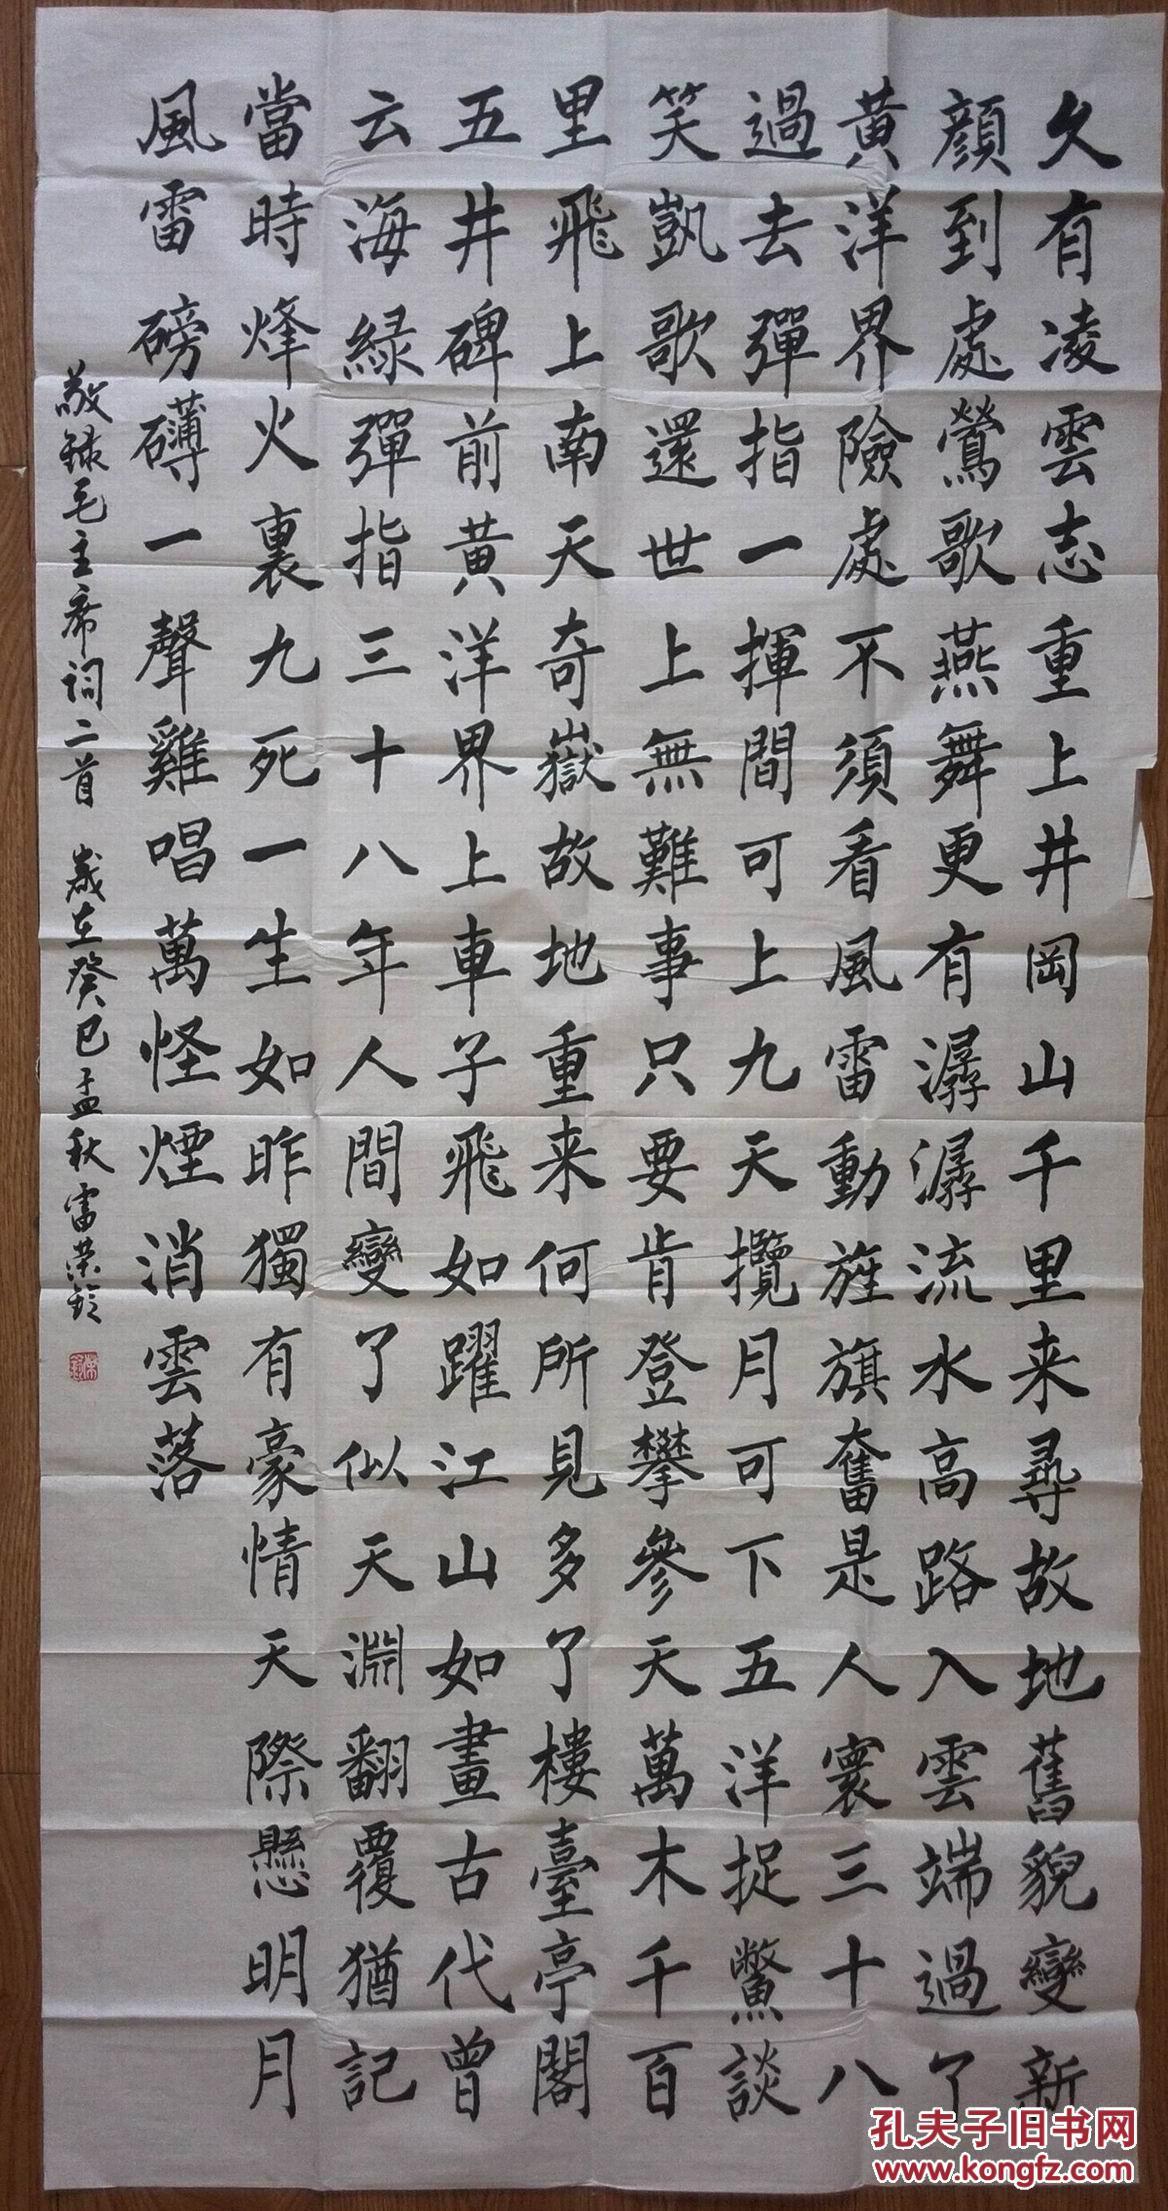 【图】手书真迹书法:湖南雷xx楷书毛泽东诗词两首